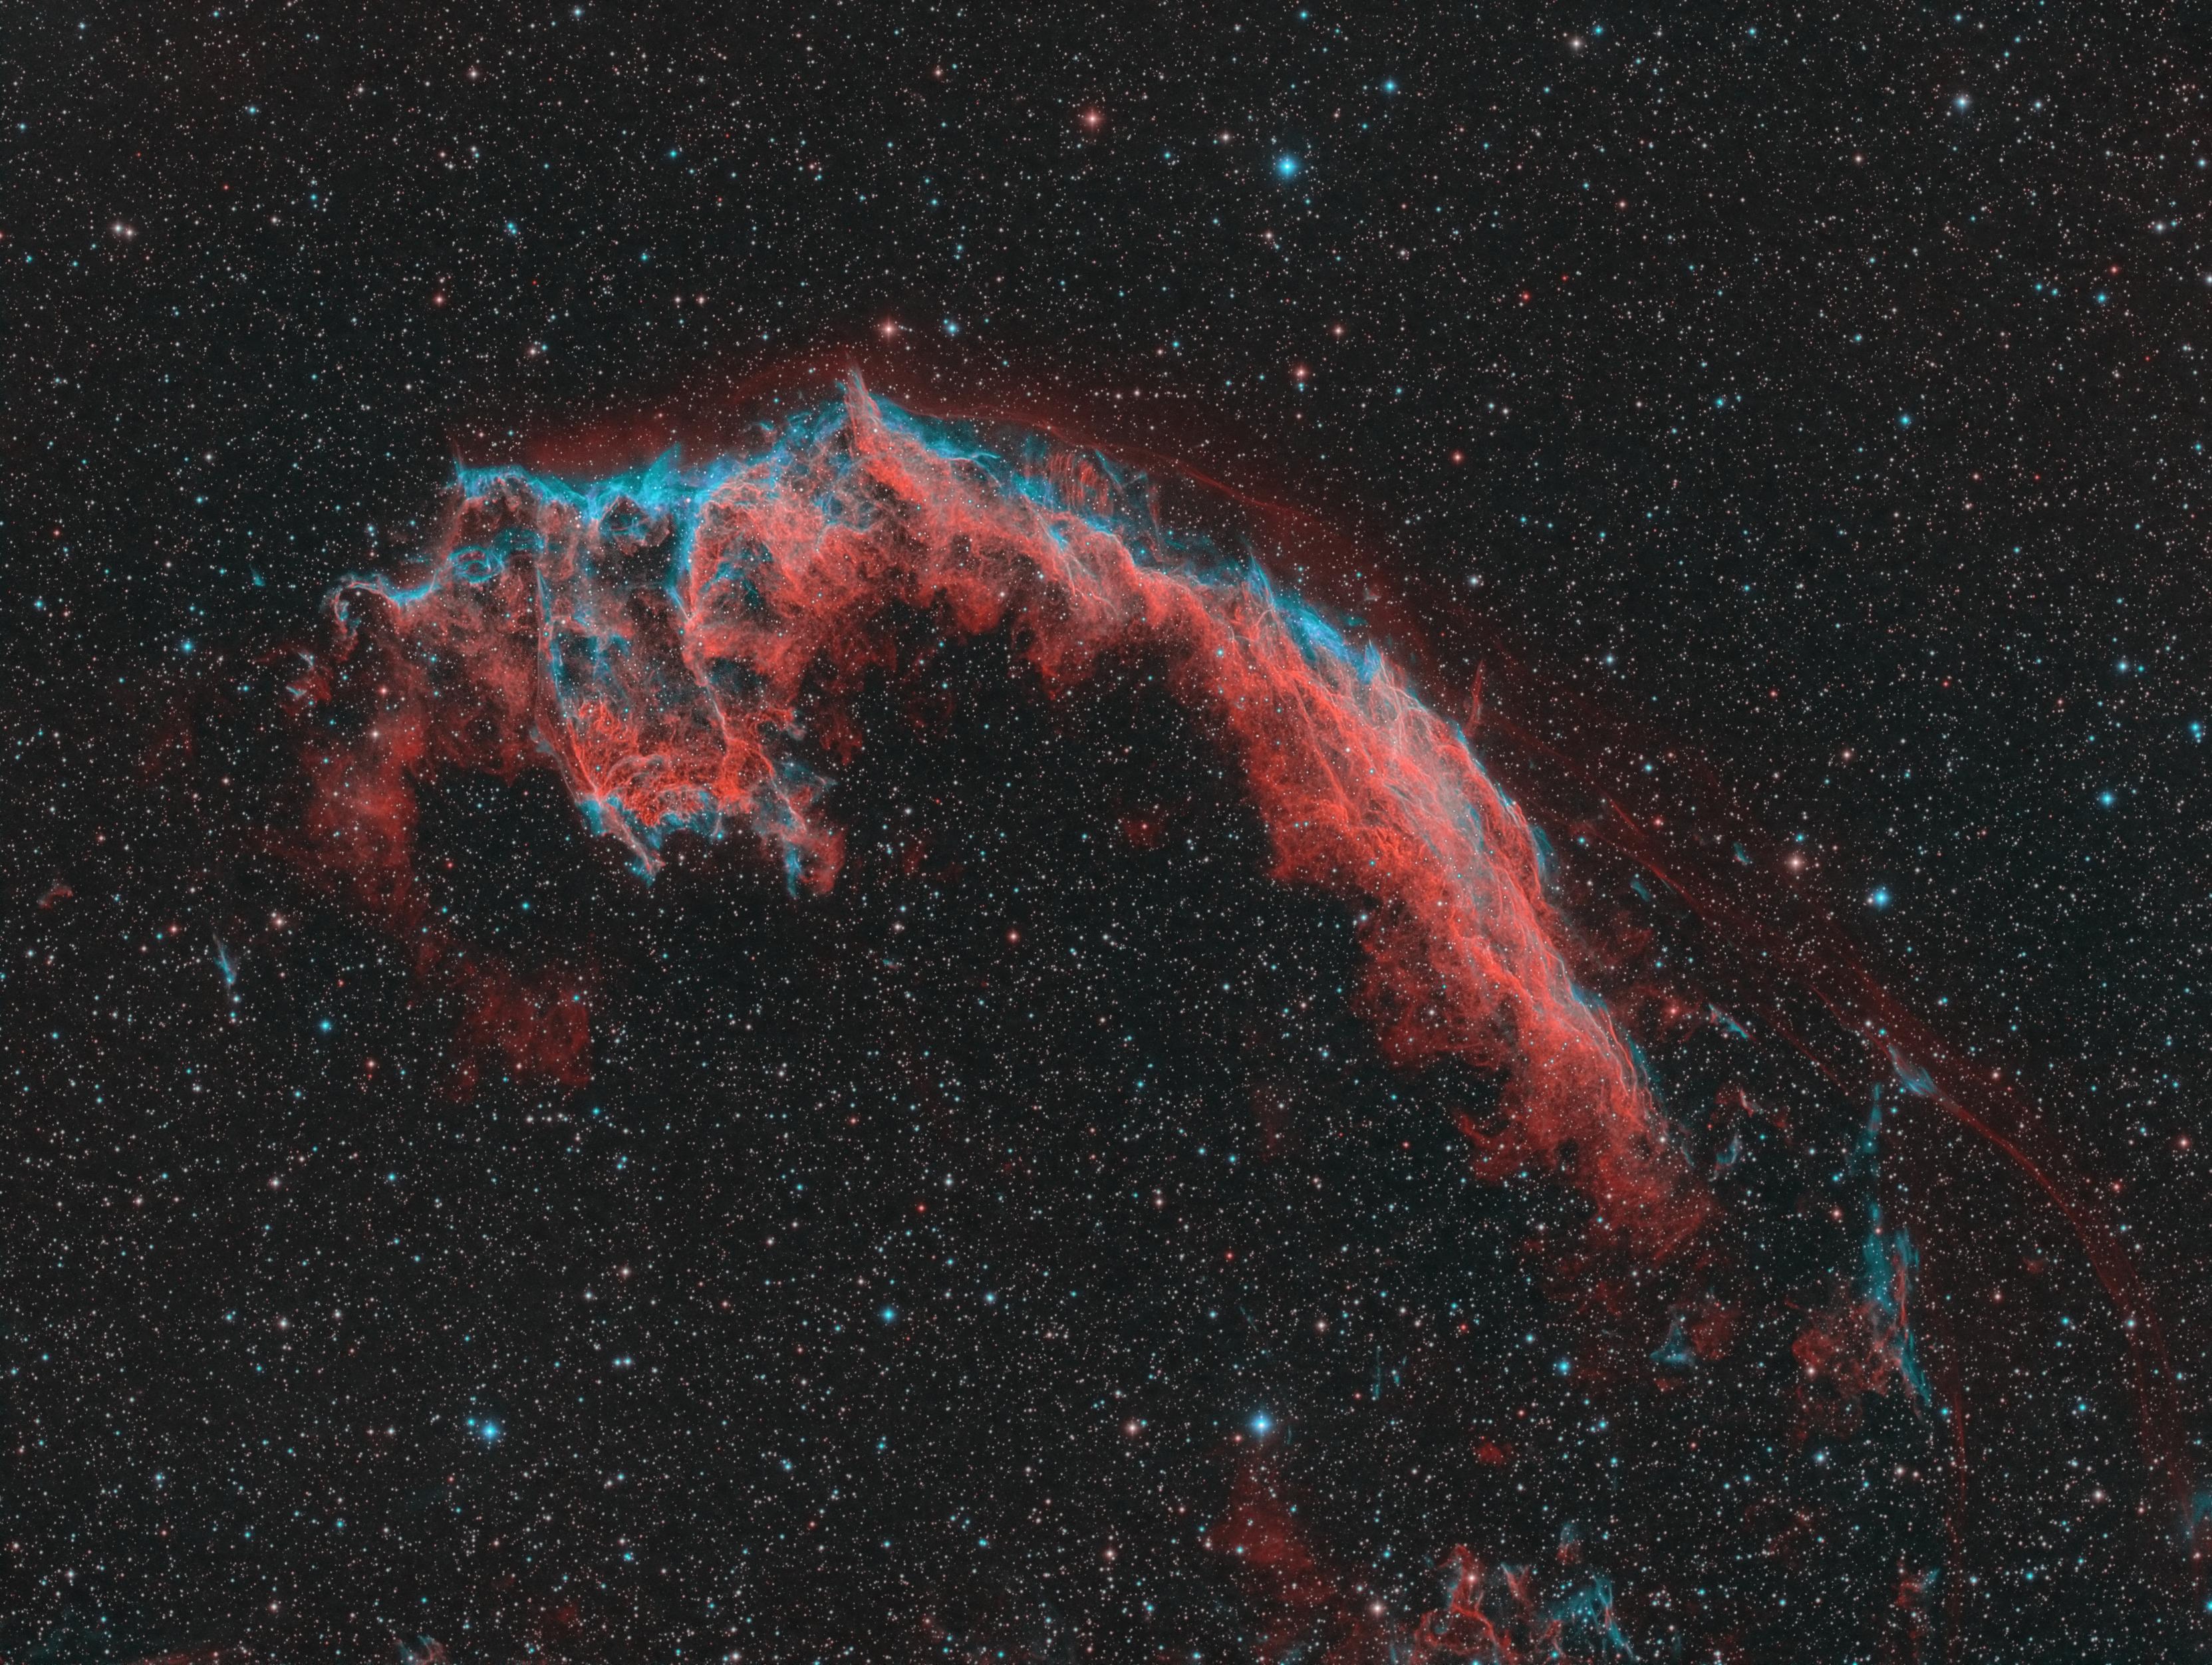 Veil Nebula in bicolor